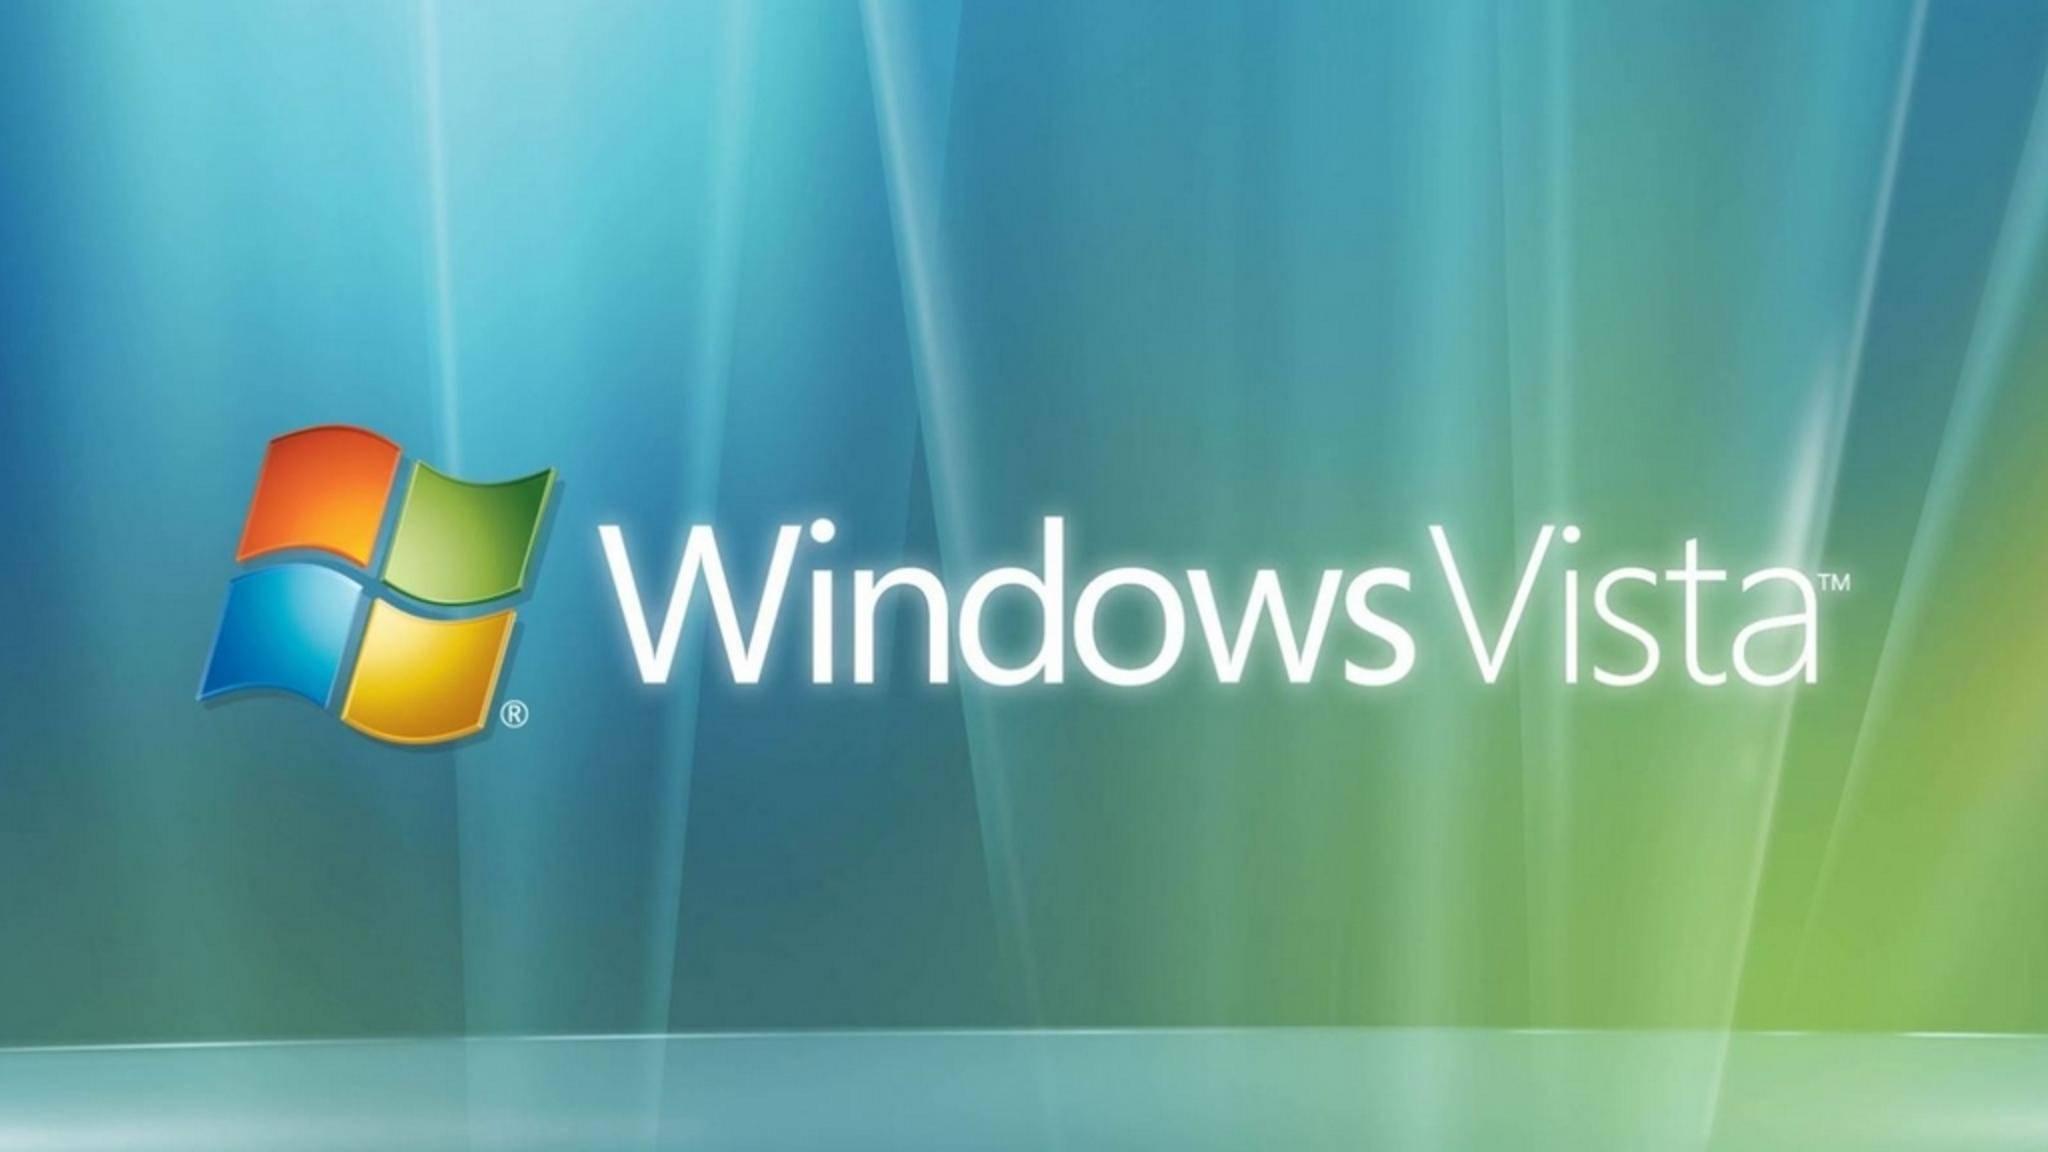 Die Ära von Windows Vista ist zu Ende - und das aus guten Gründen.